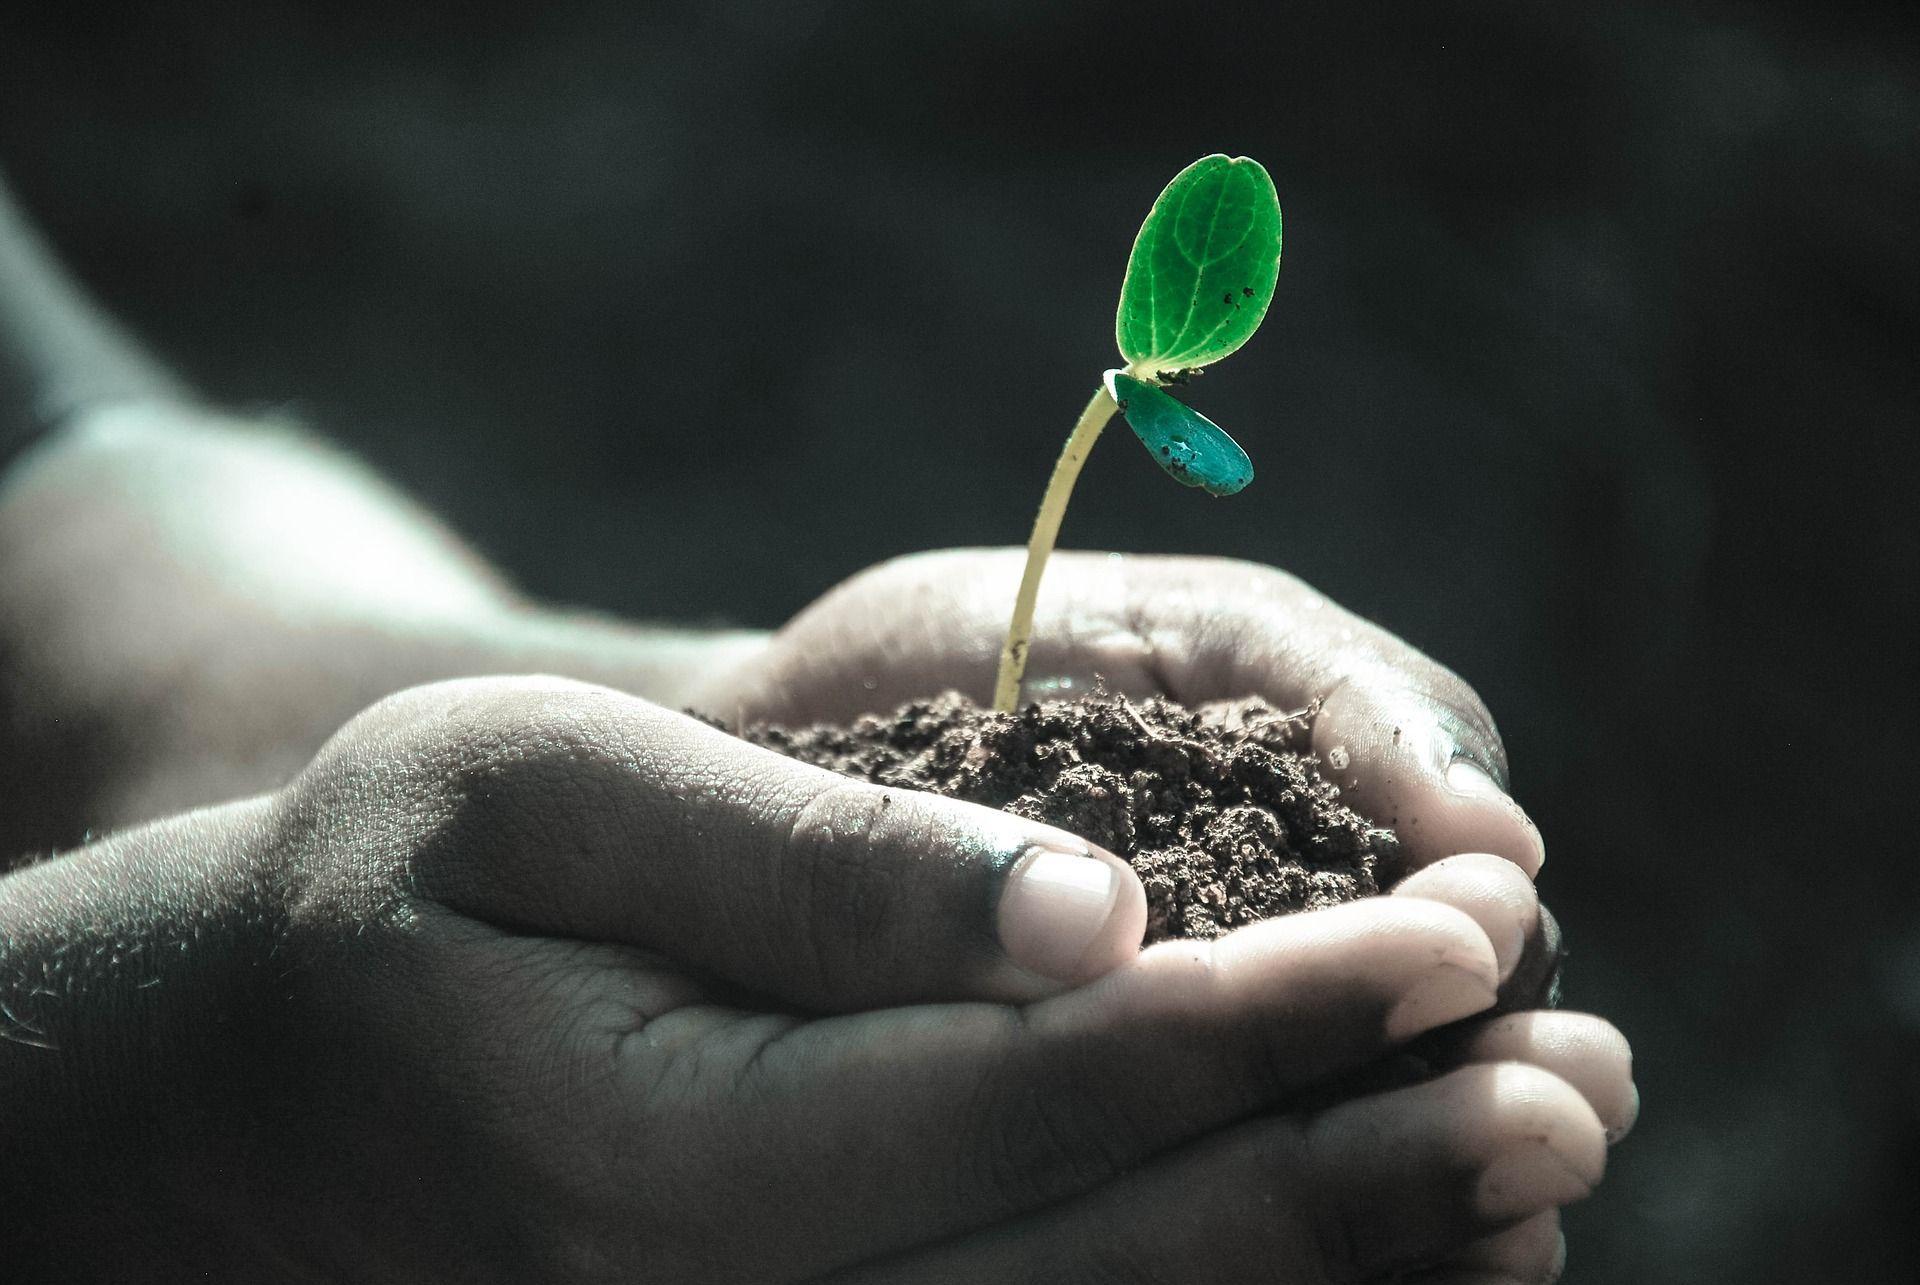 ciudad-de-mexico-plantara-20-millones-de-arboles-y-arbustos-en-seis-anos